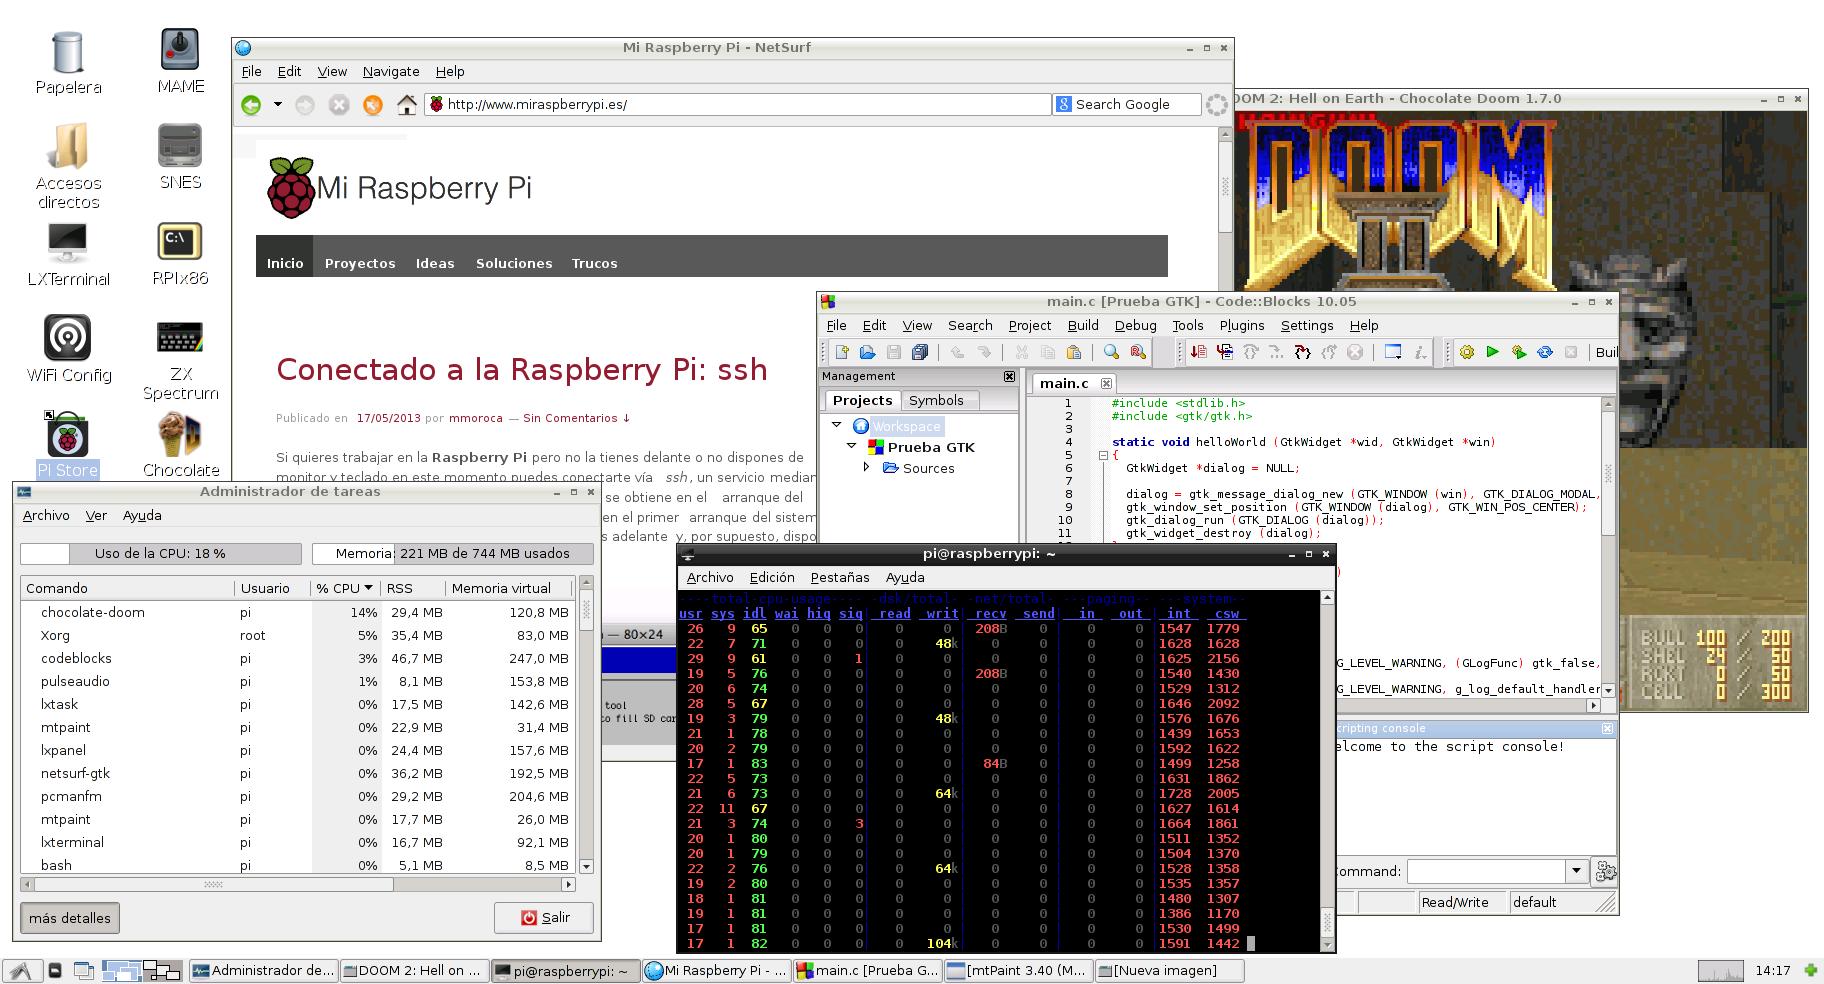 Prueba de estrés de la Raspberry Pi 2